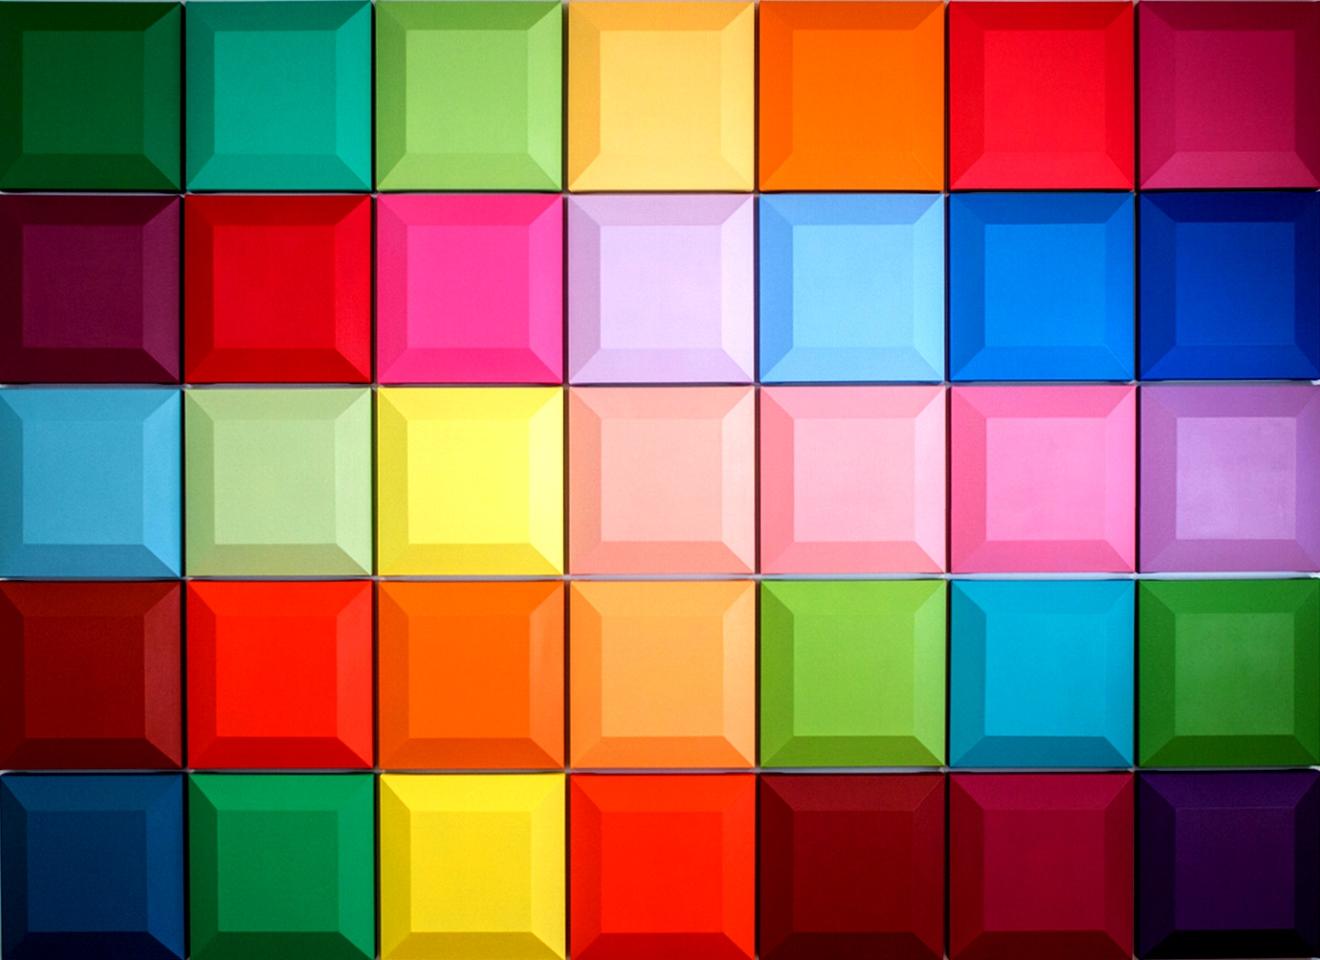 вместо фото цветные квадраты нем больше